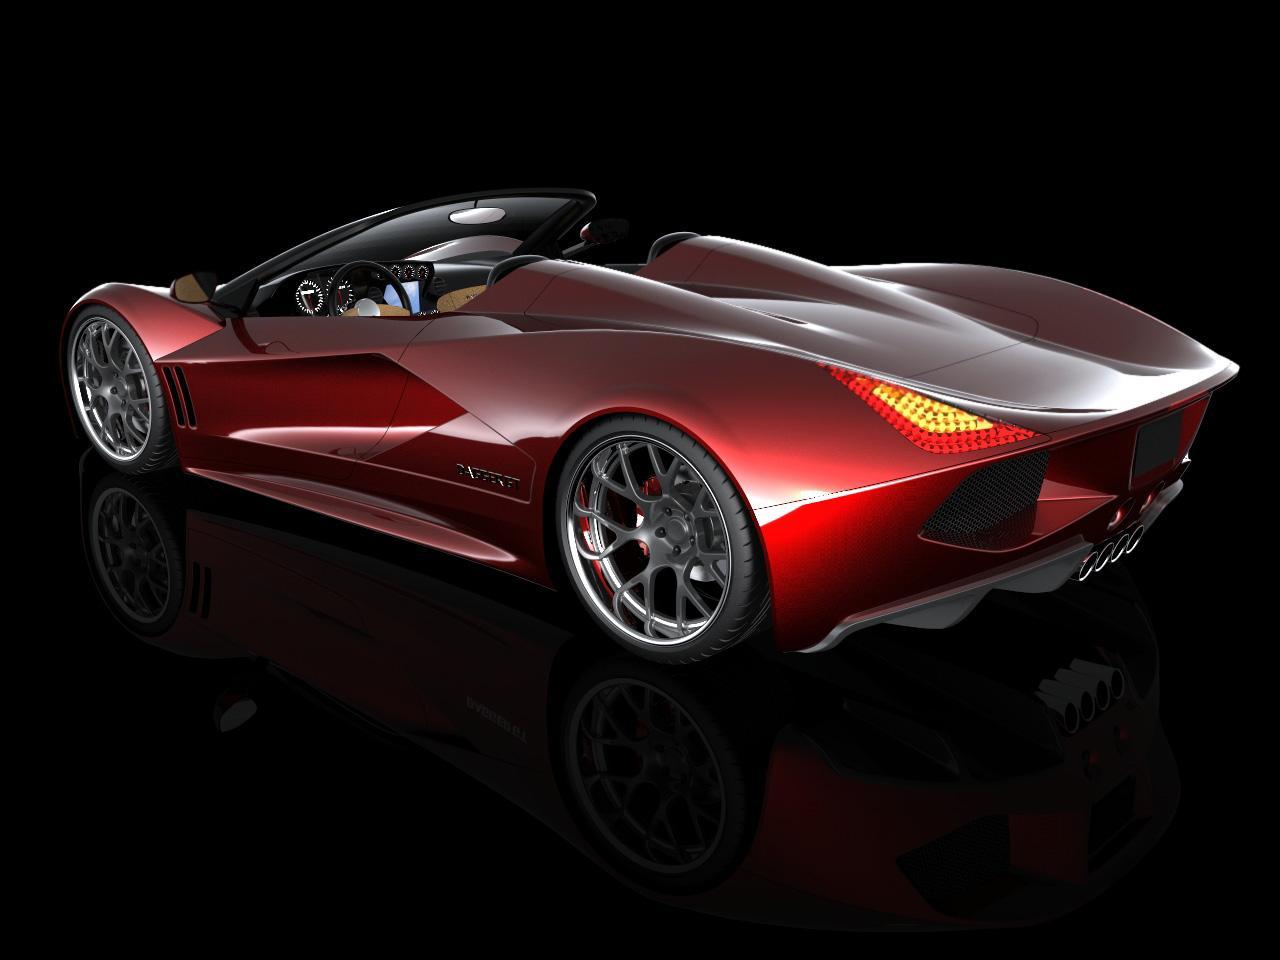 Amg Black Series >> 2,000 BHP Dagger GT Supercar Reaches 300 MPH - autoevolution